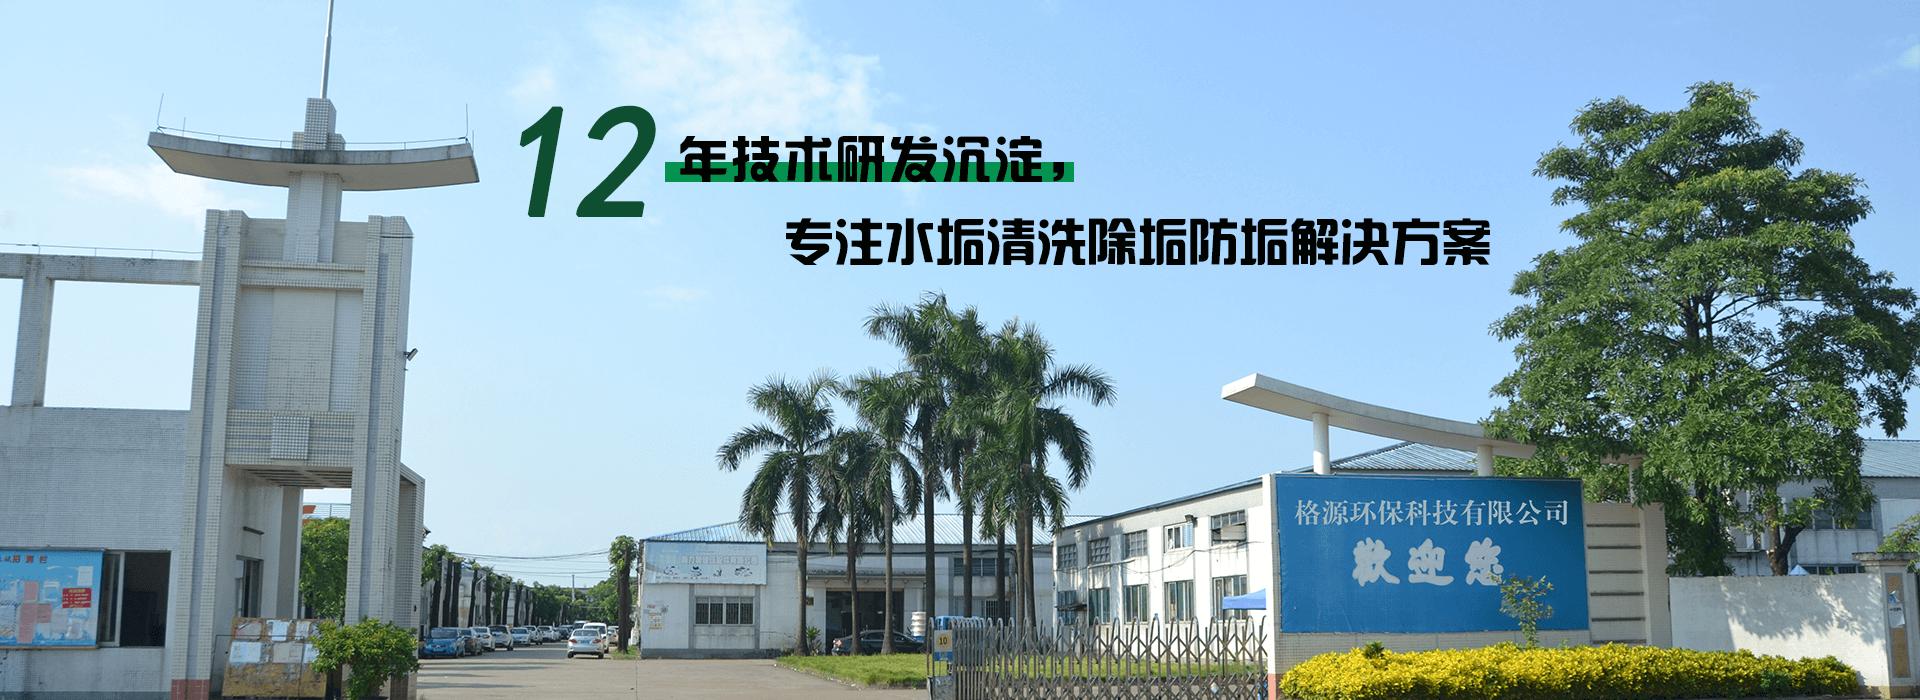 格源环保-专业水垢处理剂研发生产